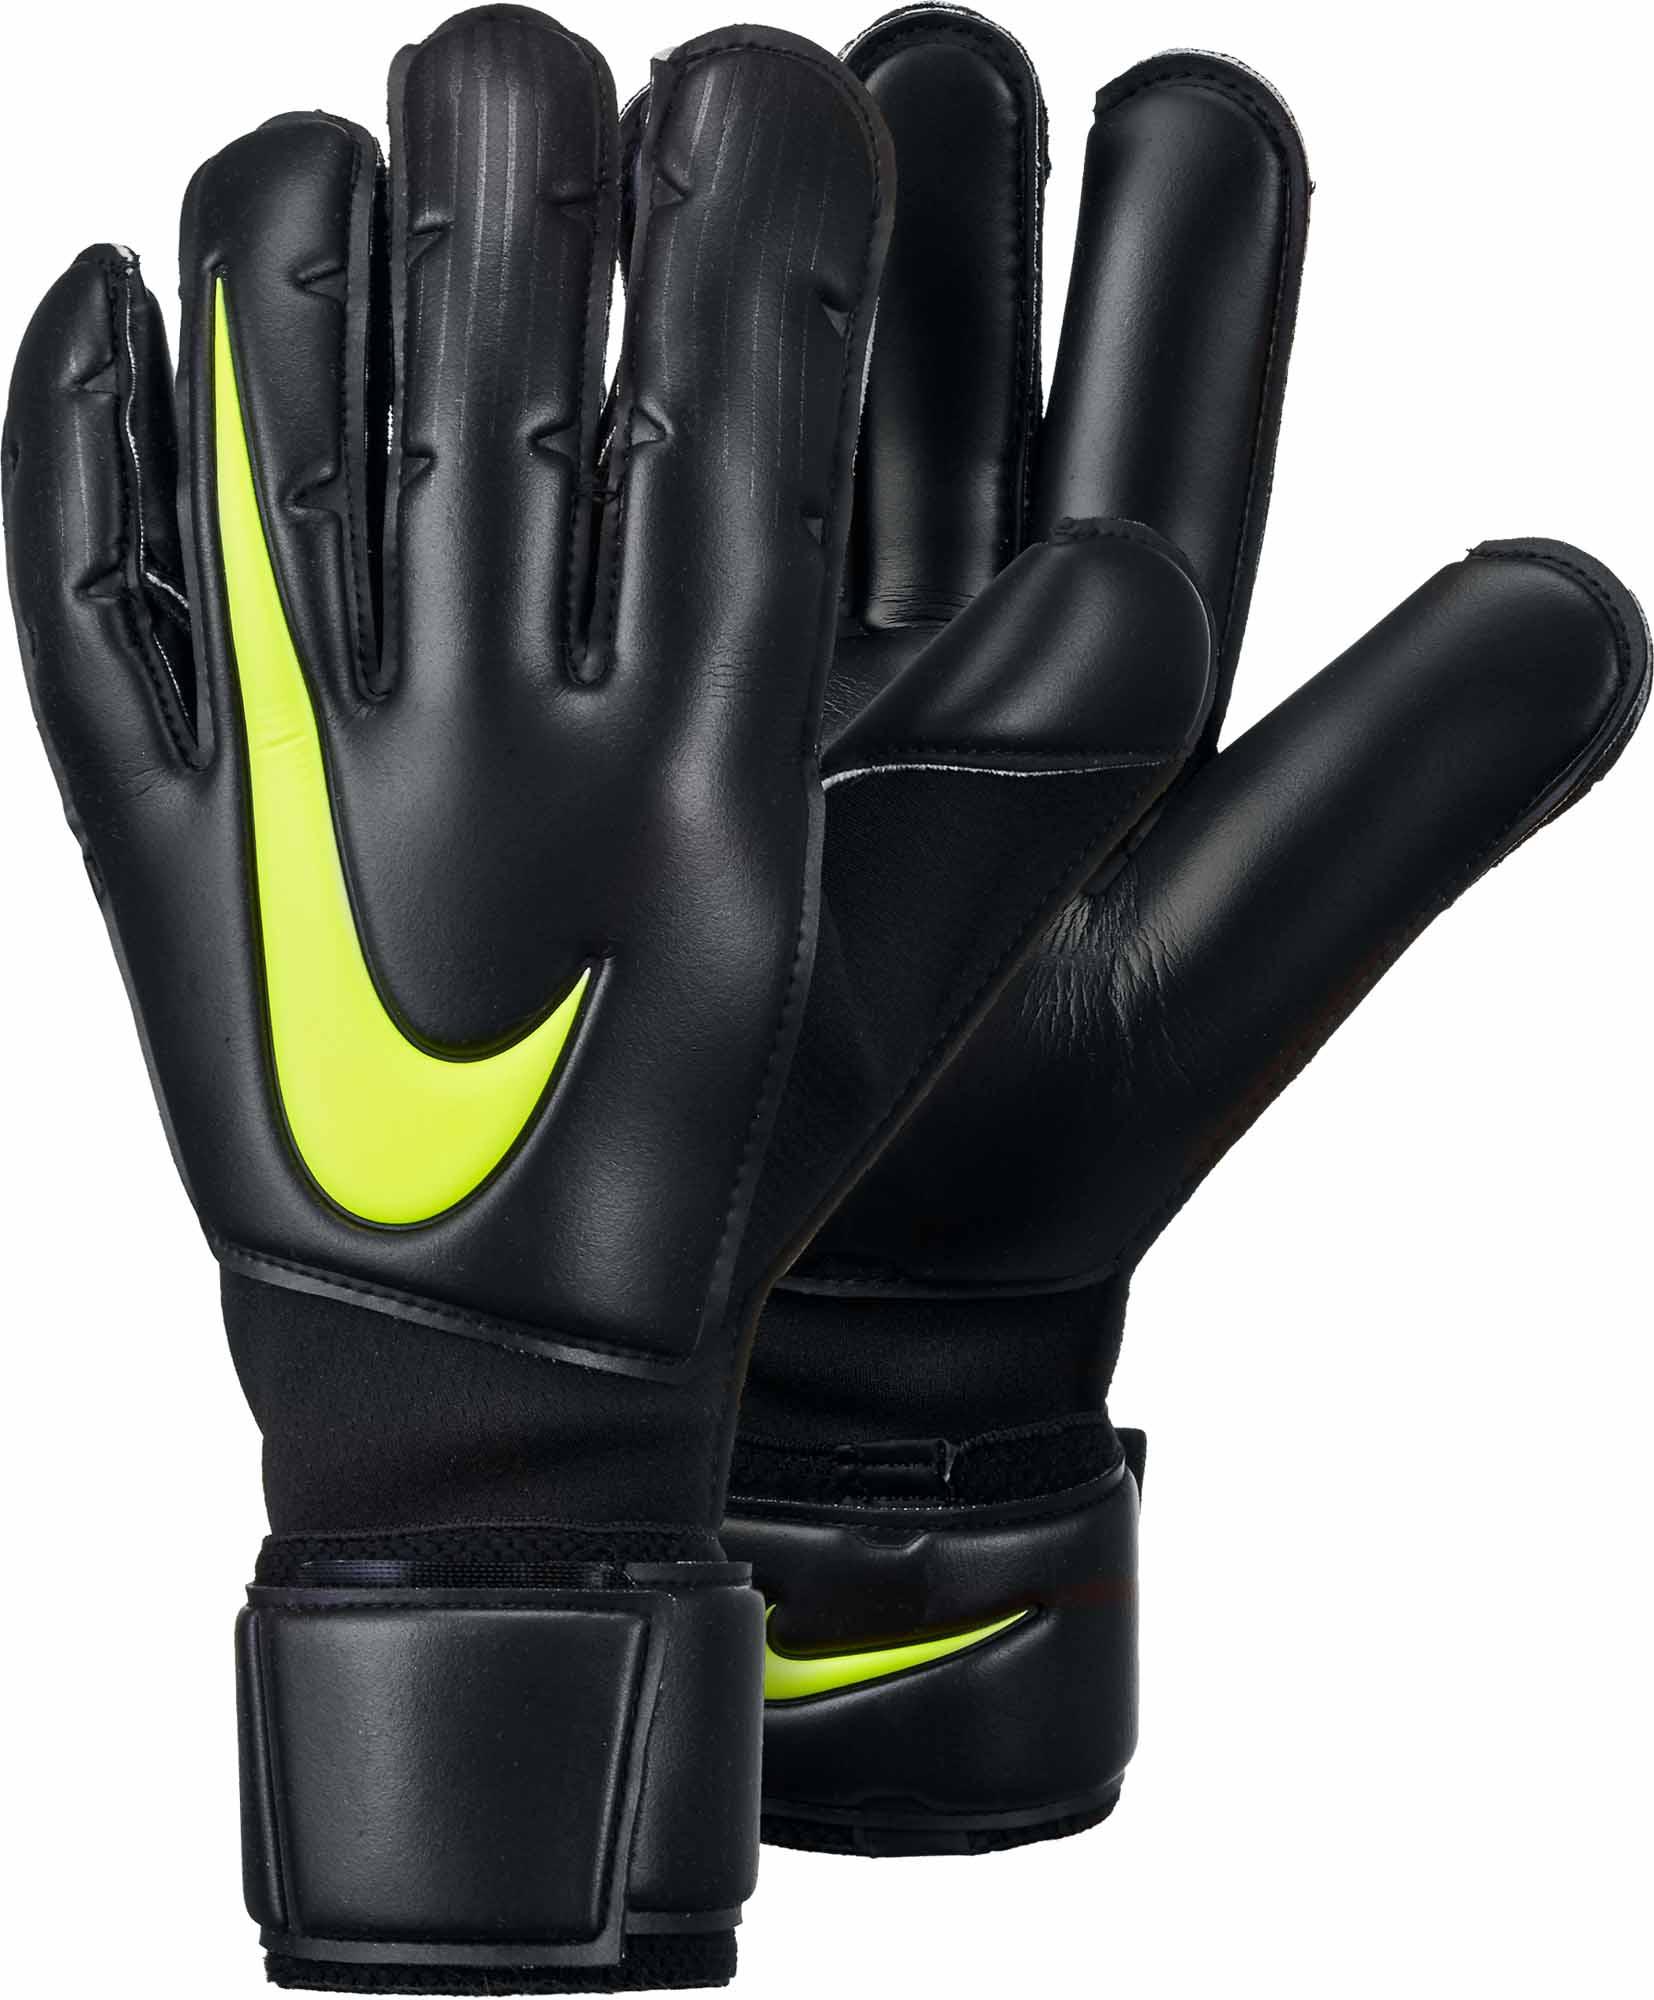 37b616686 Nike Vapor Grip3 Goalkeeper Gloves - Black   Volt - Soccer Master